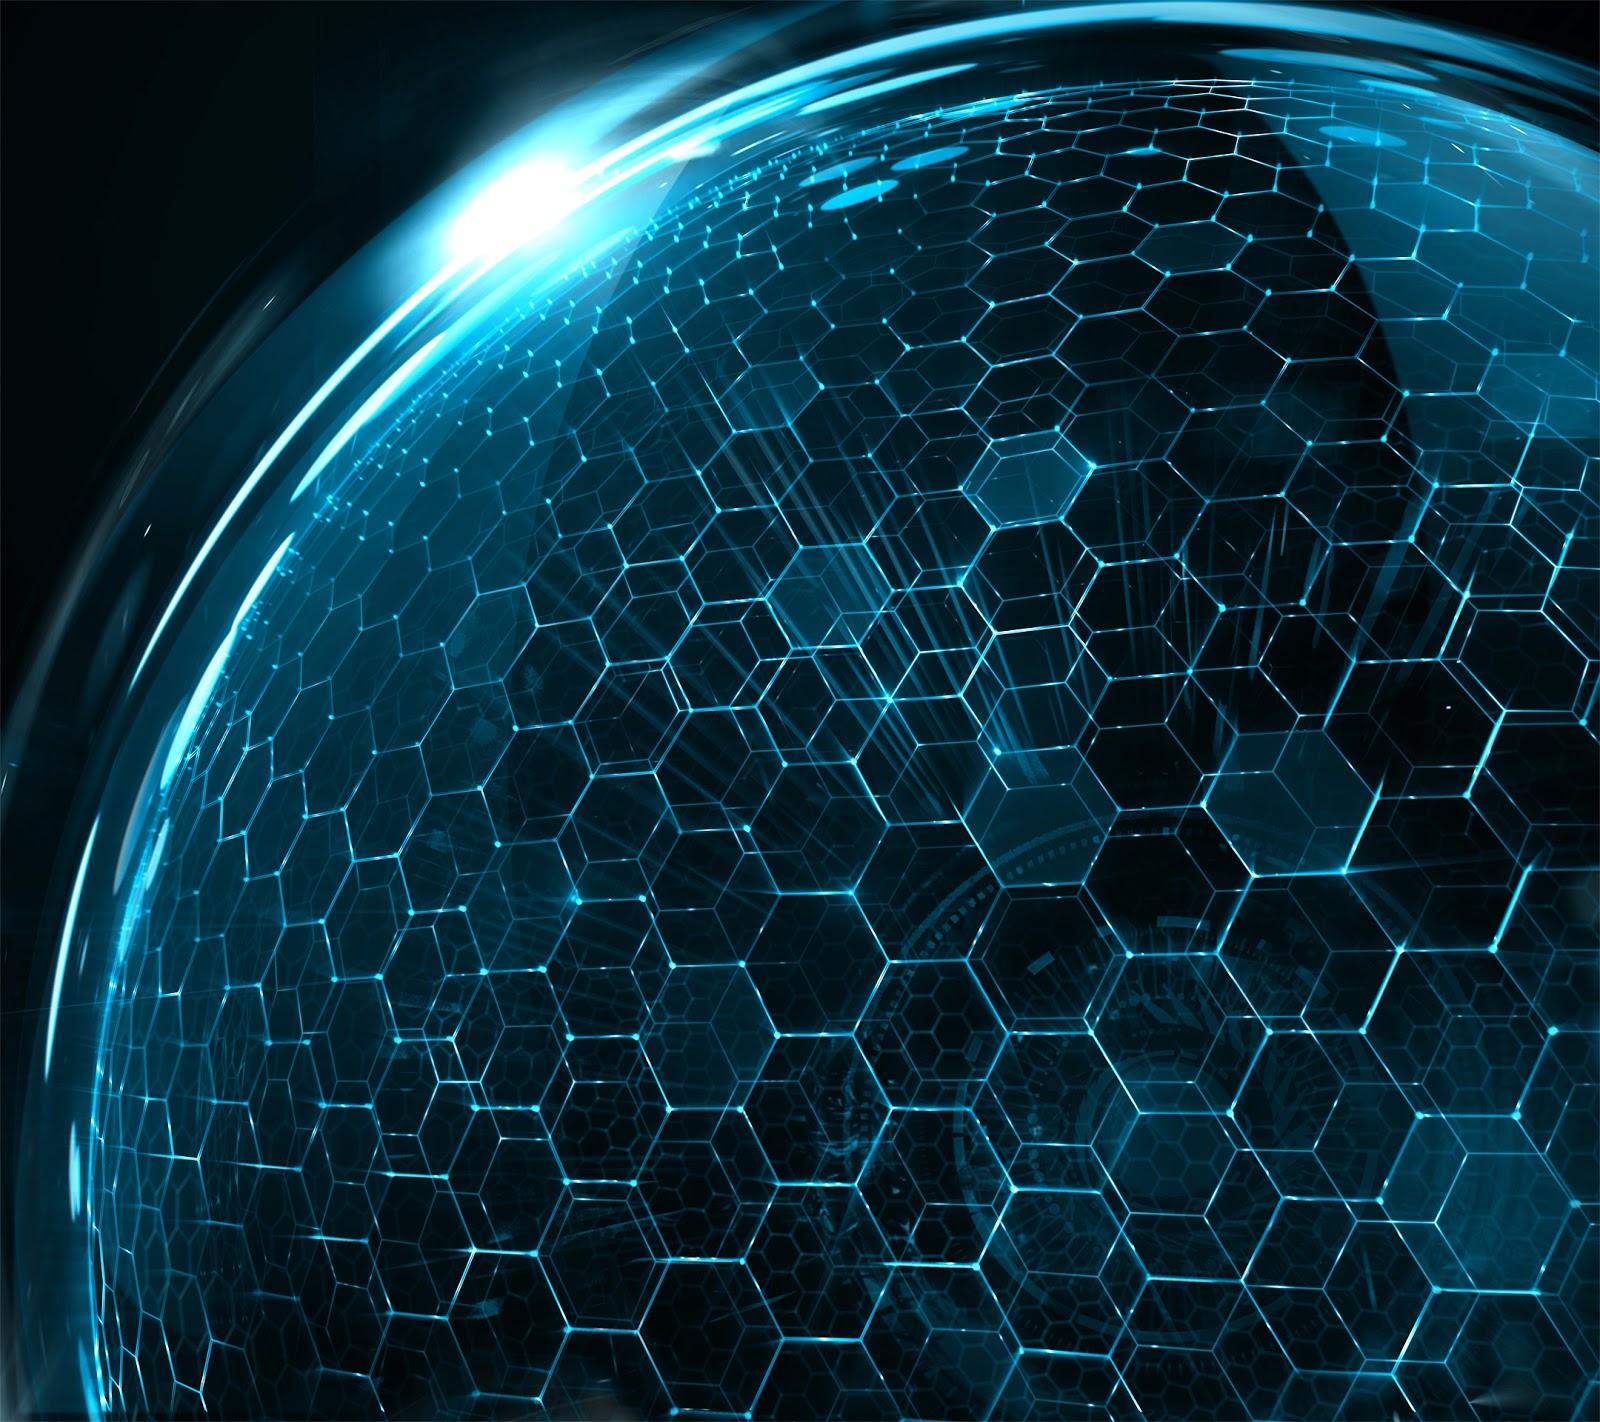 http://4.bp.blogspot.com/-aBBRsJ0Ntqo/ULNSRZnid1I/AAAAAAAAHOw/FzC94U-7mmw/s1600/HTC+Droid+DNA+Blue+Wallpaper.jpg